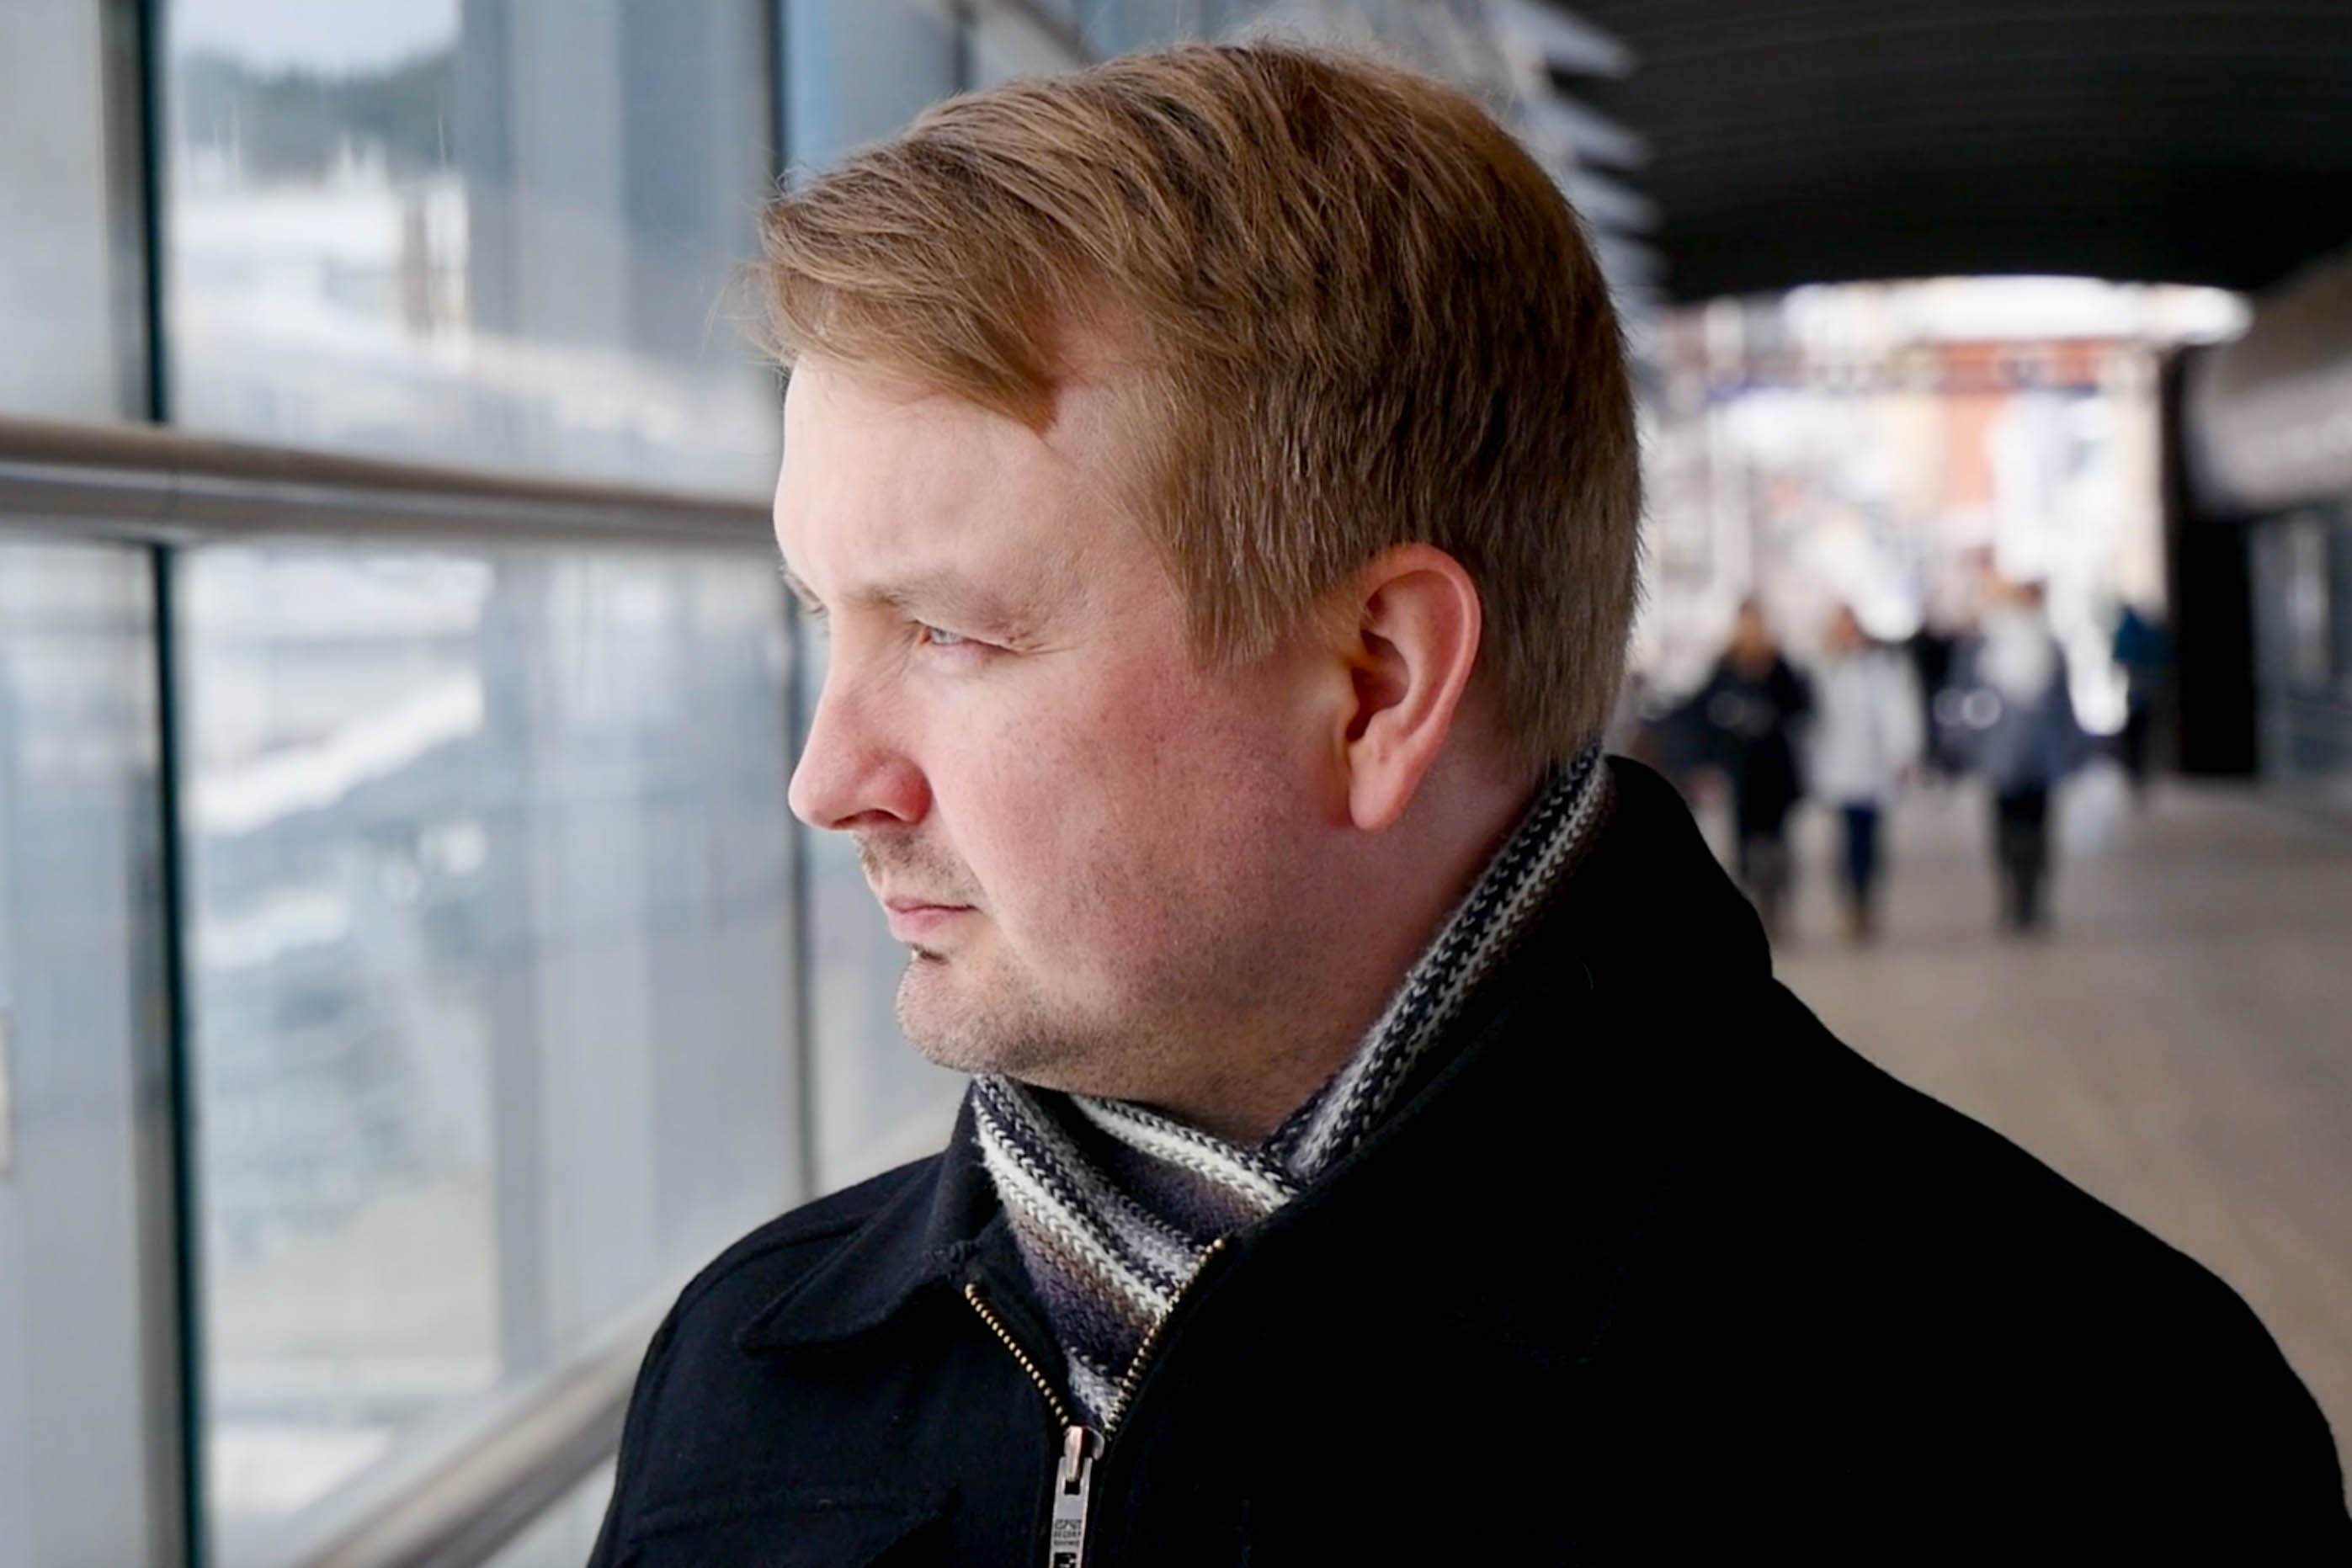 Markus Pelkonen